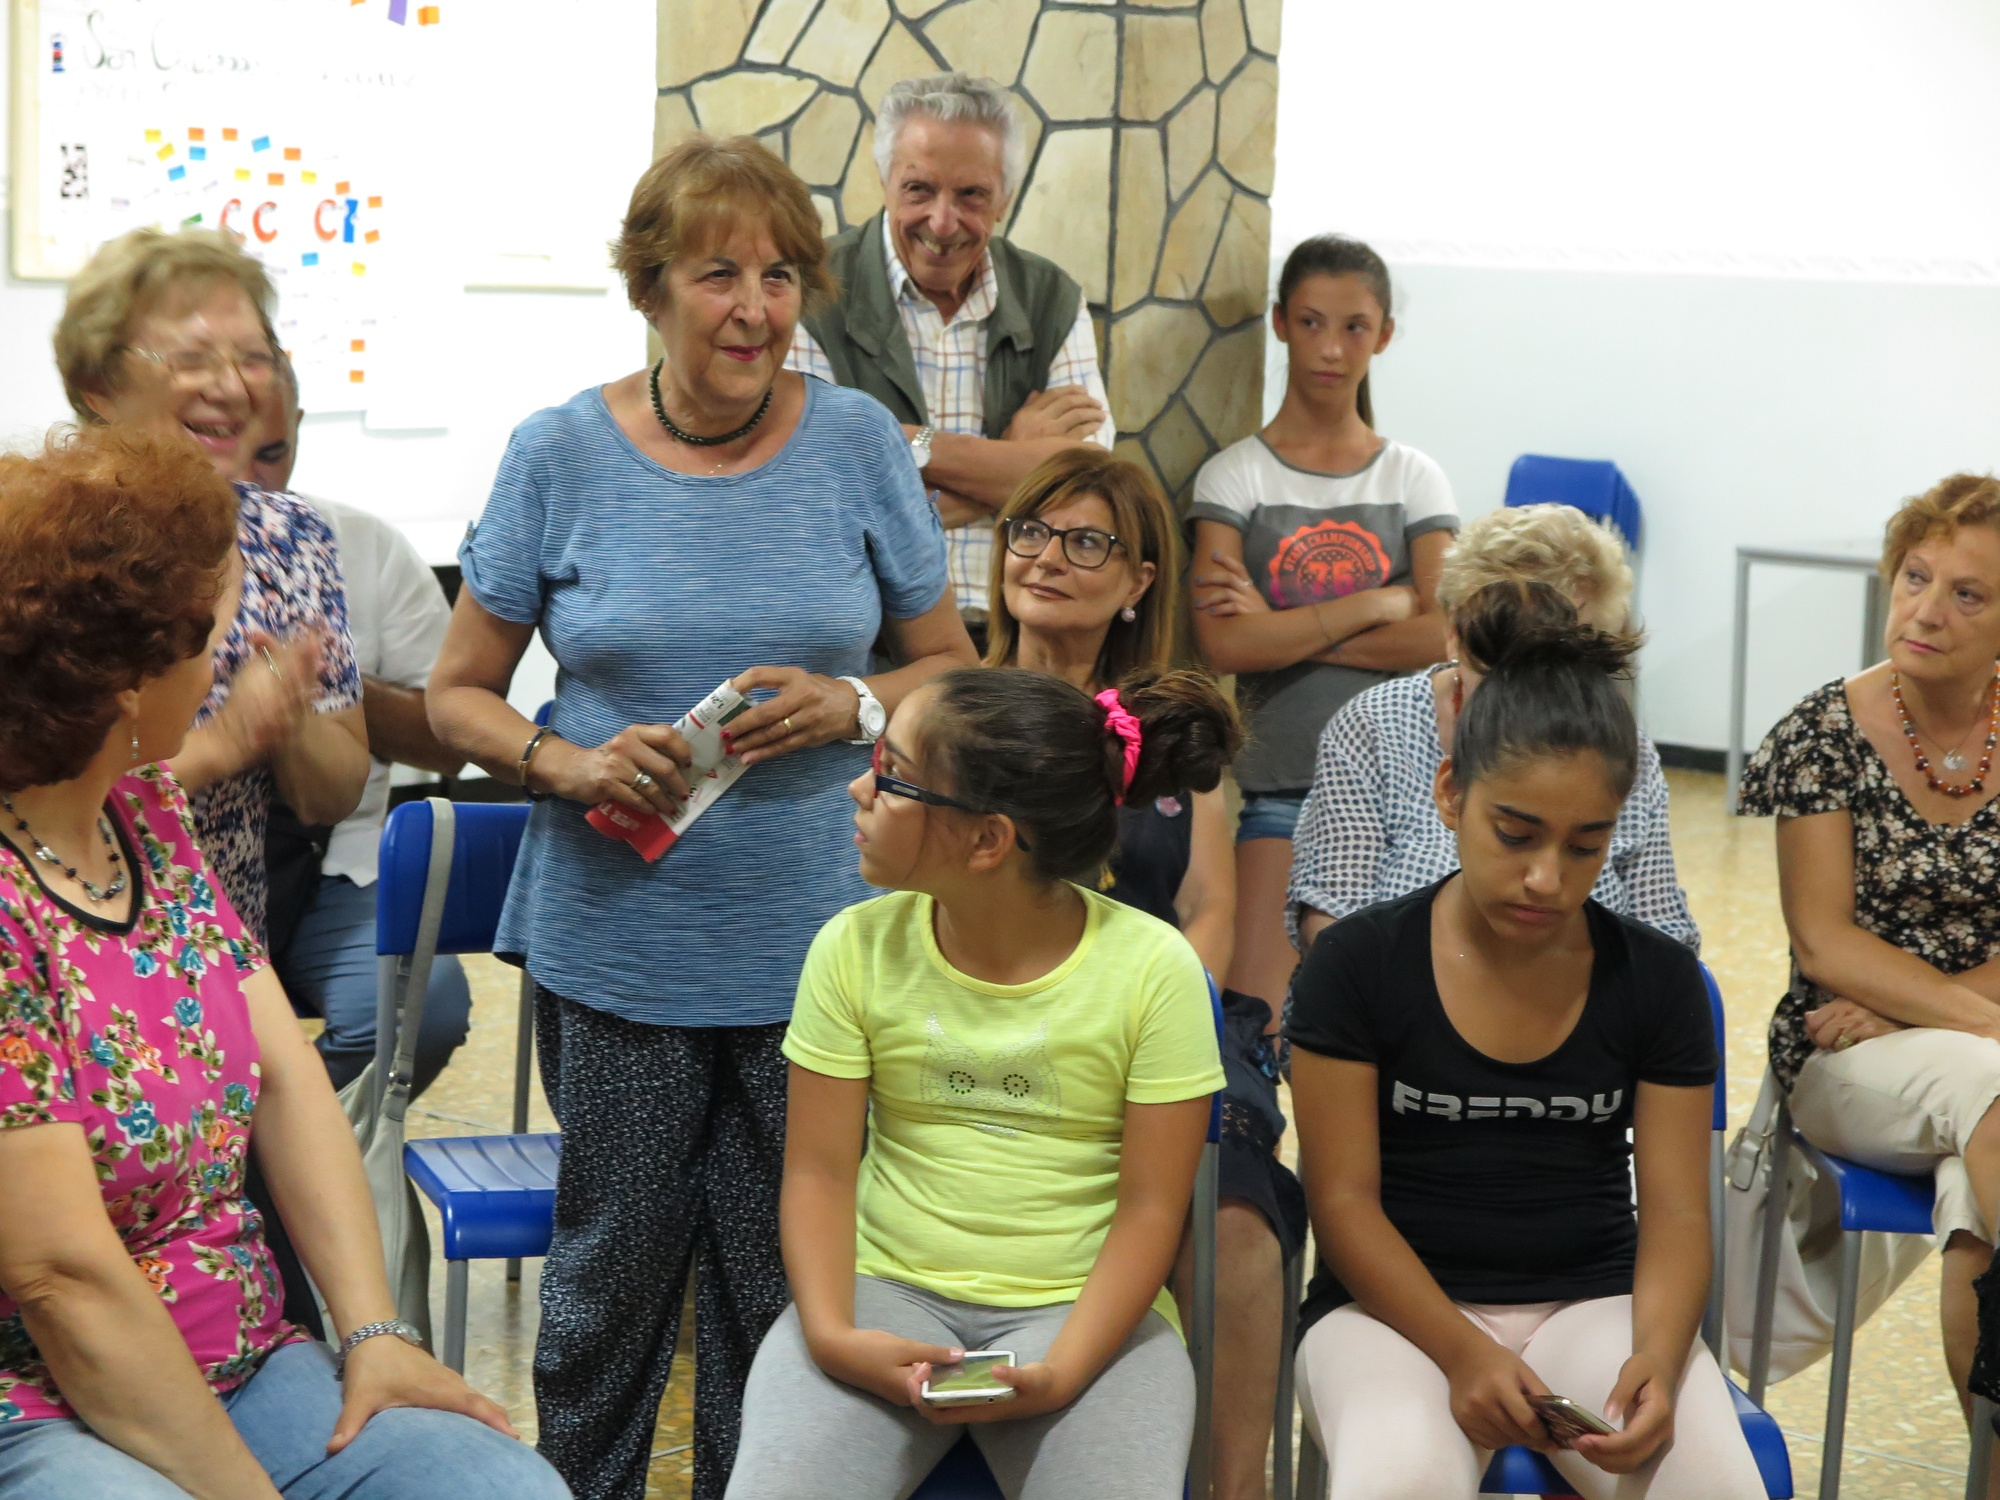 conoscenza-nuovo-parroco-padre-angelo-2016-07-29-21-09-55